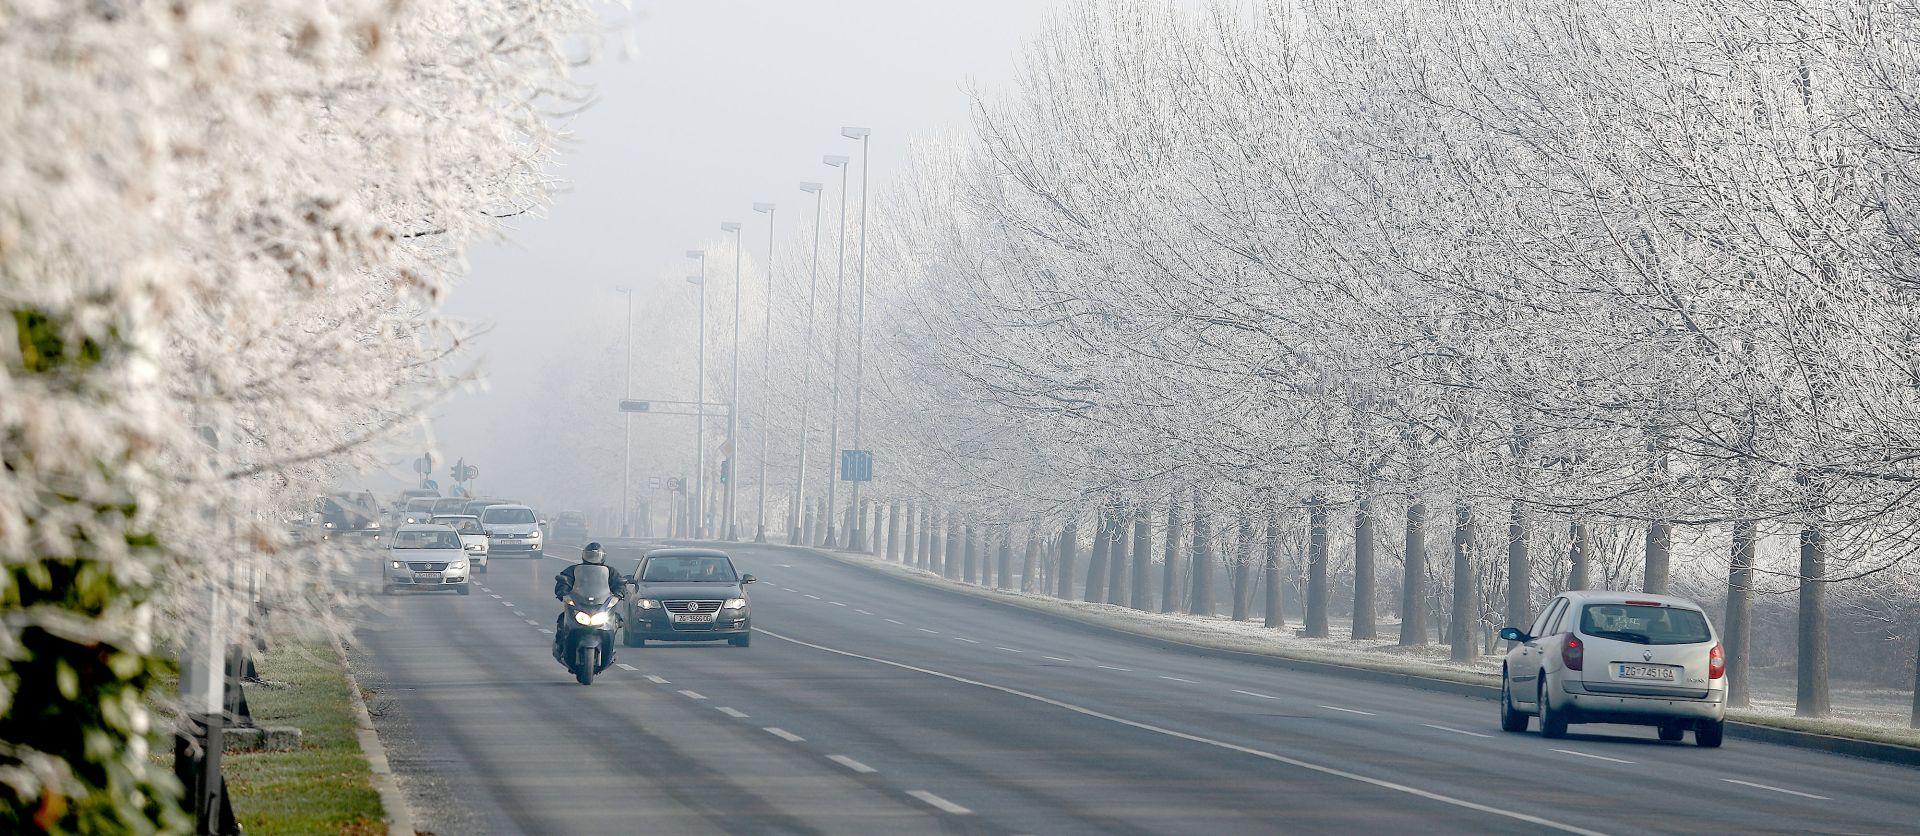 HAK Magla smanjuje vidljivost u Lici i na A1, moguća poledica